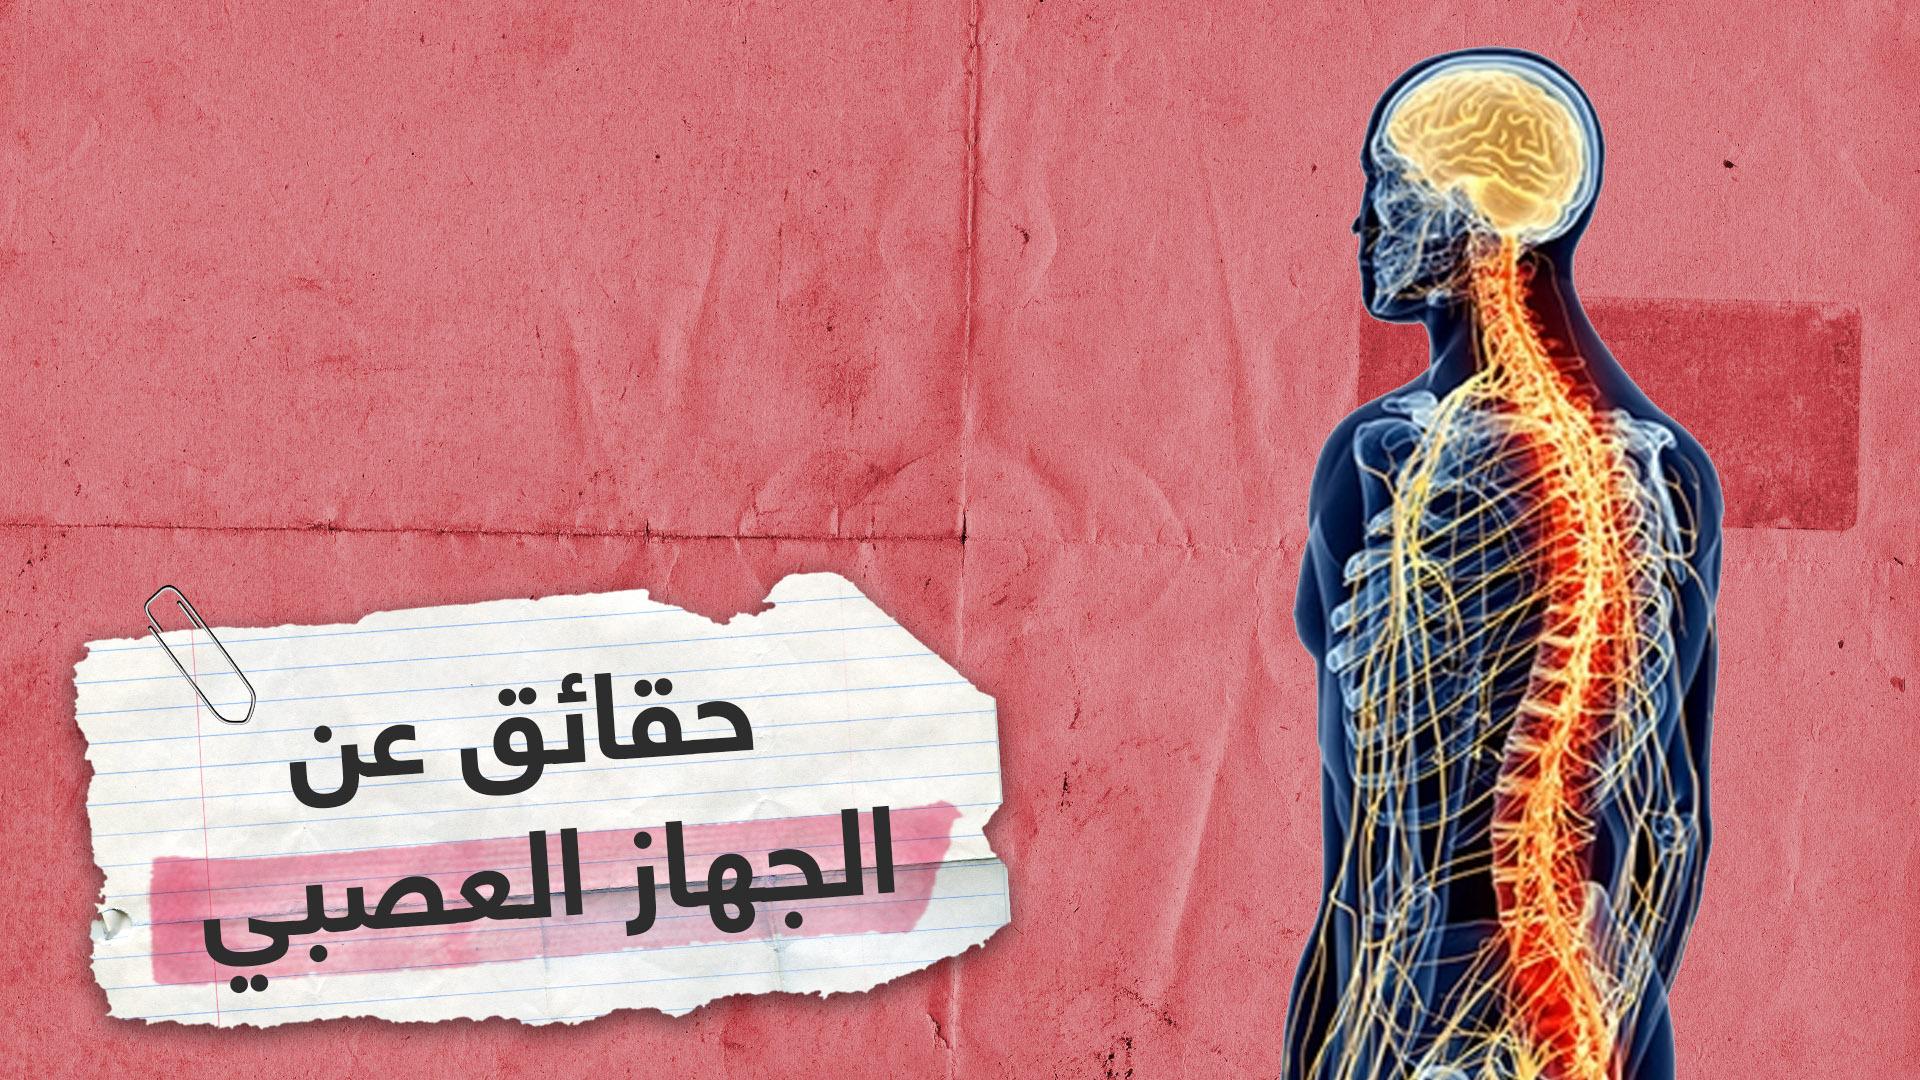 5 حقائق مهمة عن الجهاز العصبي للجسم